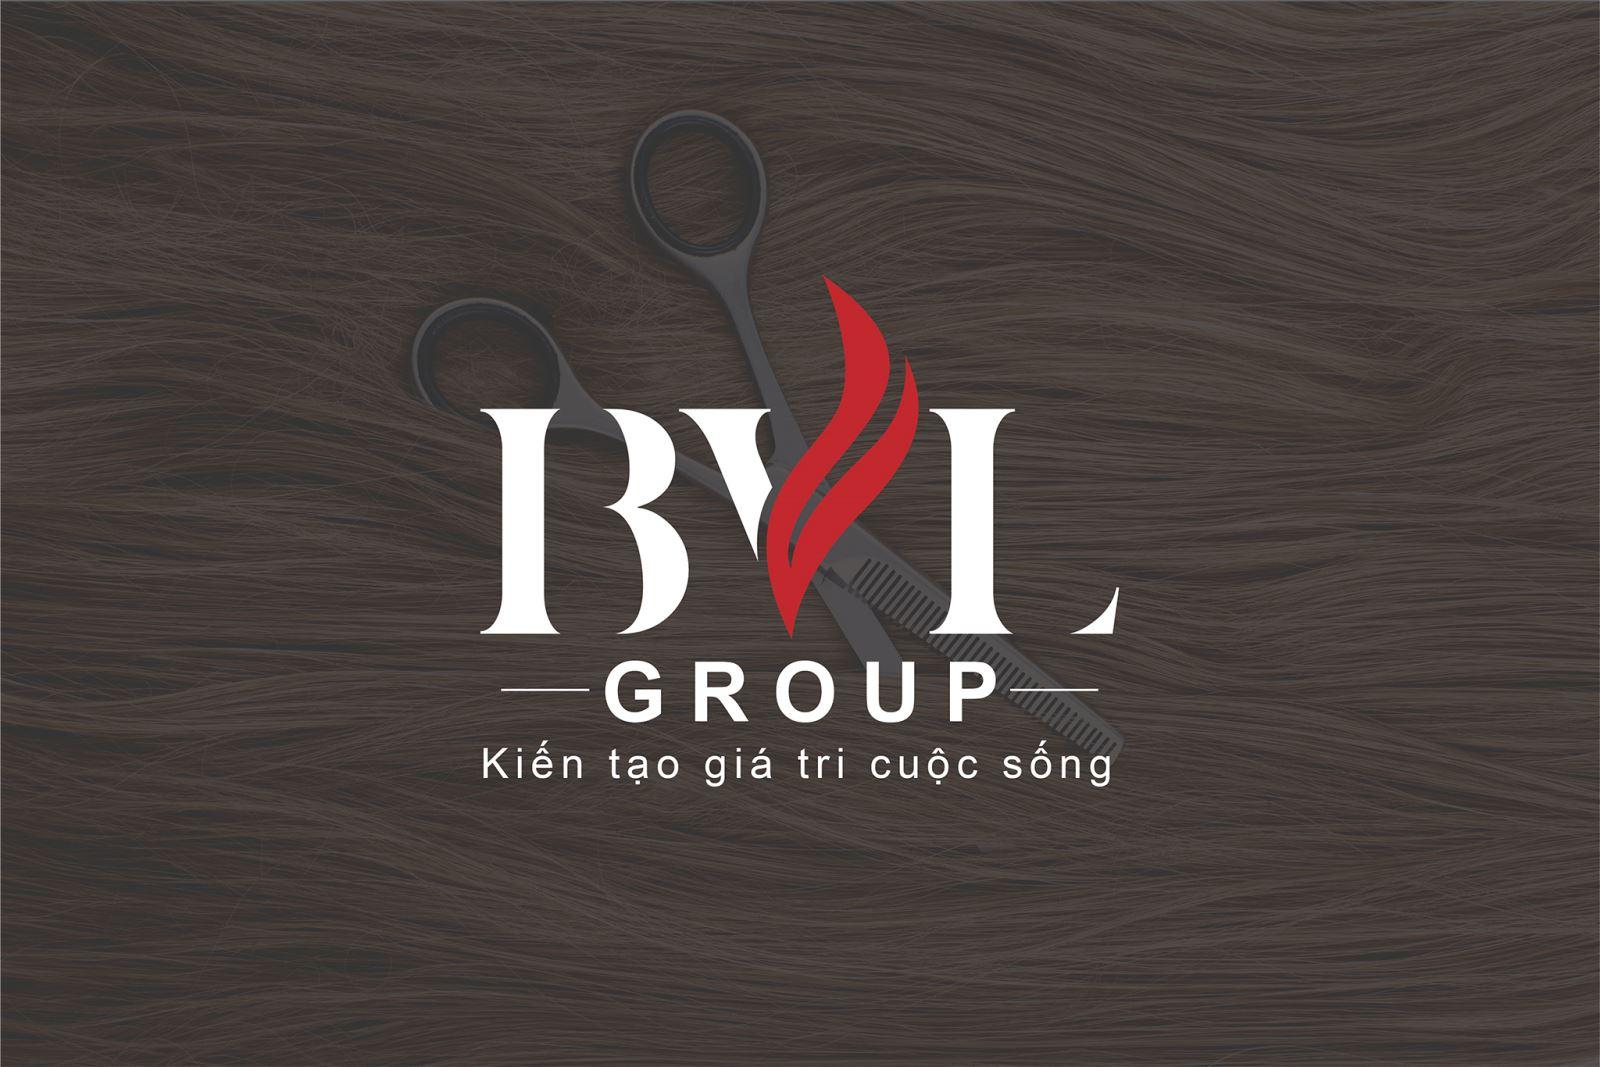 Thiết kế logo cho mỹ phẩm tóc BVL Group